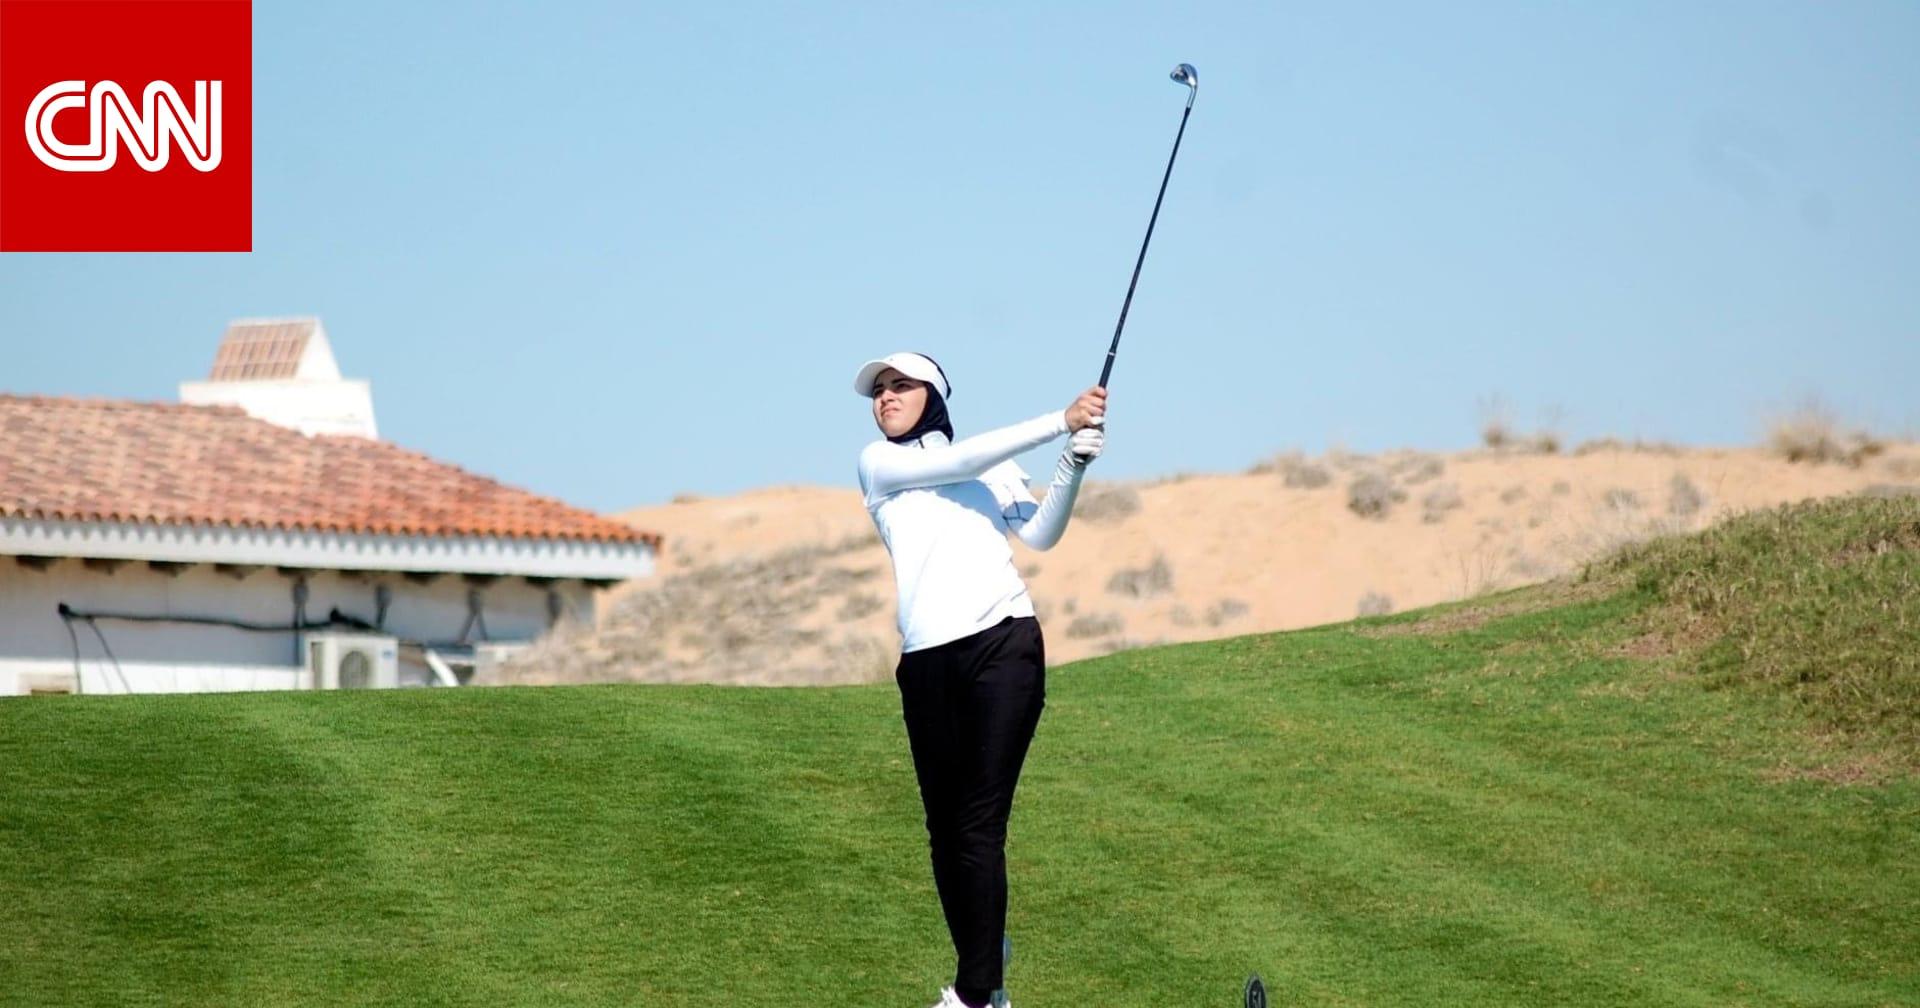 إنجازات كبيرة رغم صغر سنها.. تعرف إلى لاعبة الغولف الإماراتية ريما الحلو